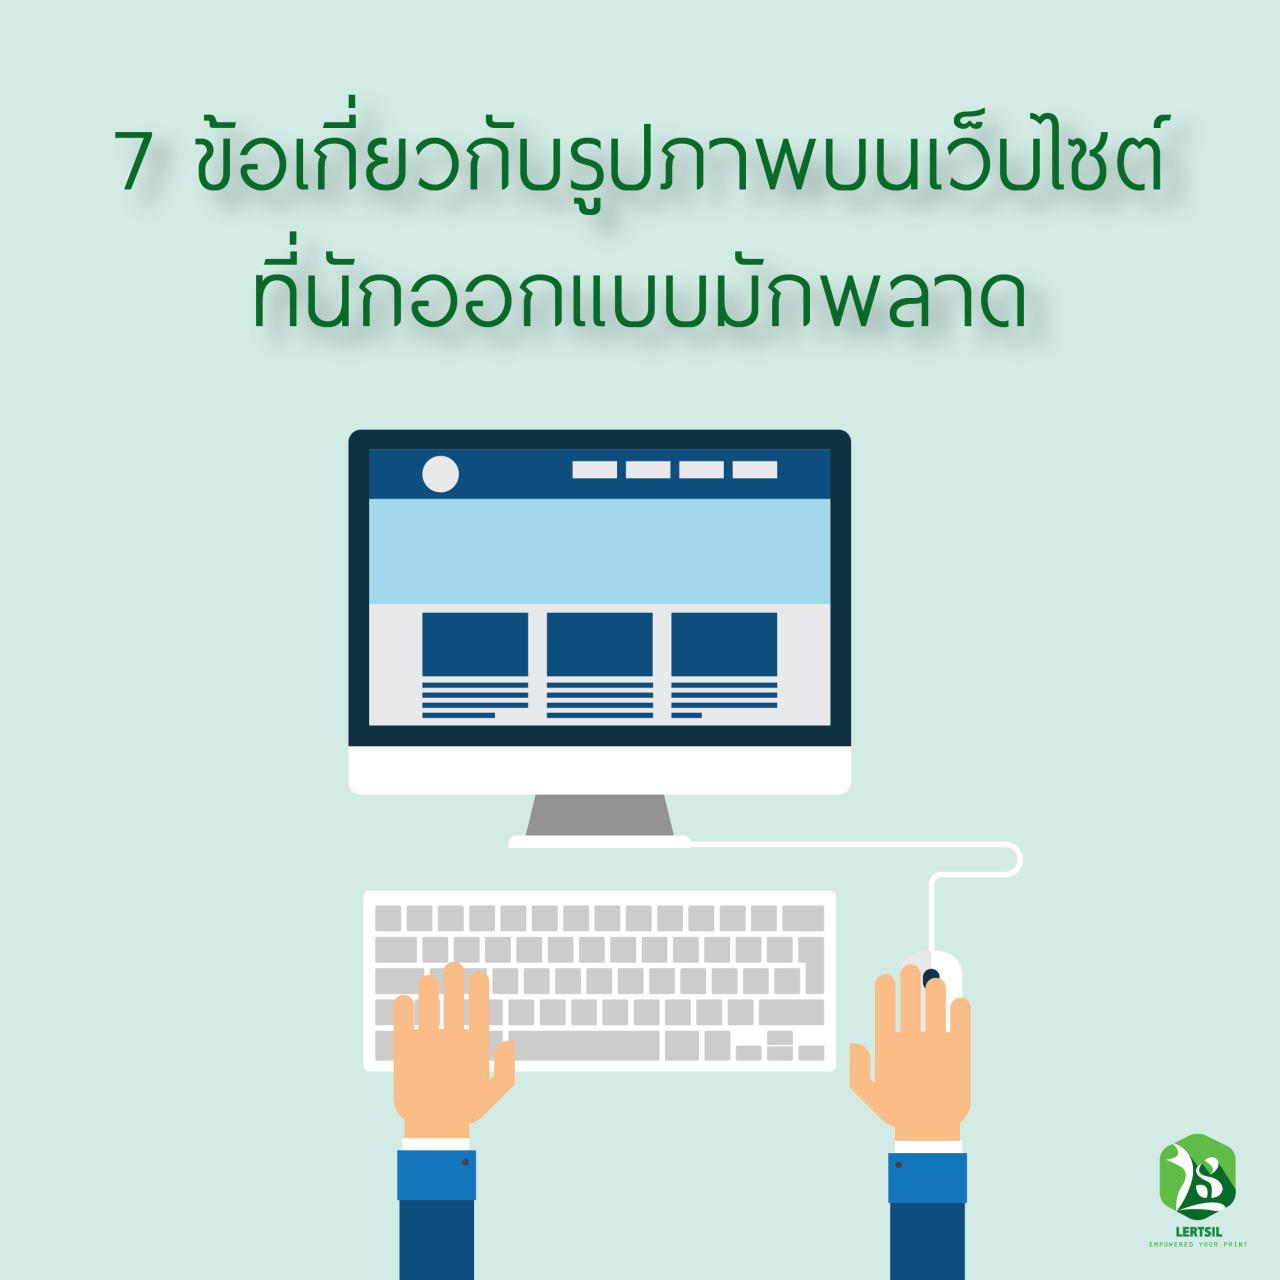 7 ข้อเกี่ยวกับเว็บไซน์ที่นักออกเเบบมักพลาด